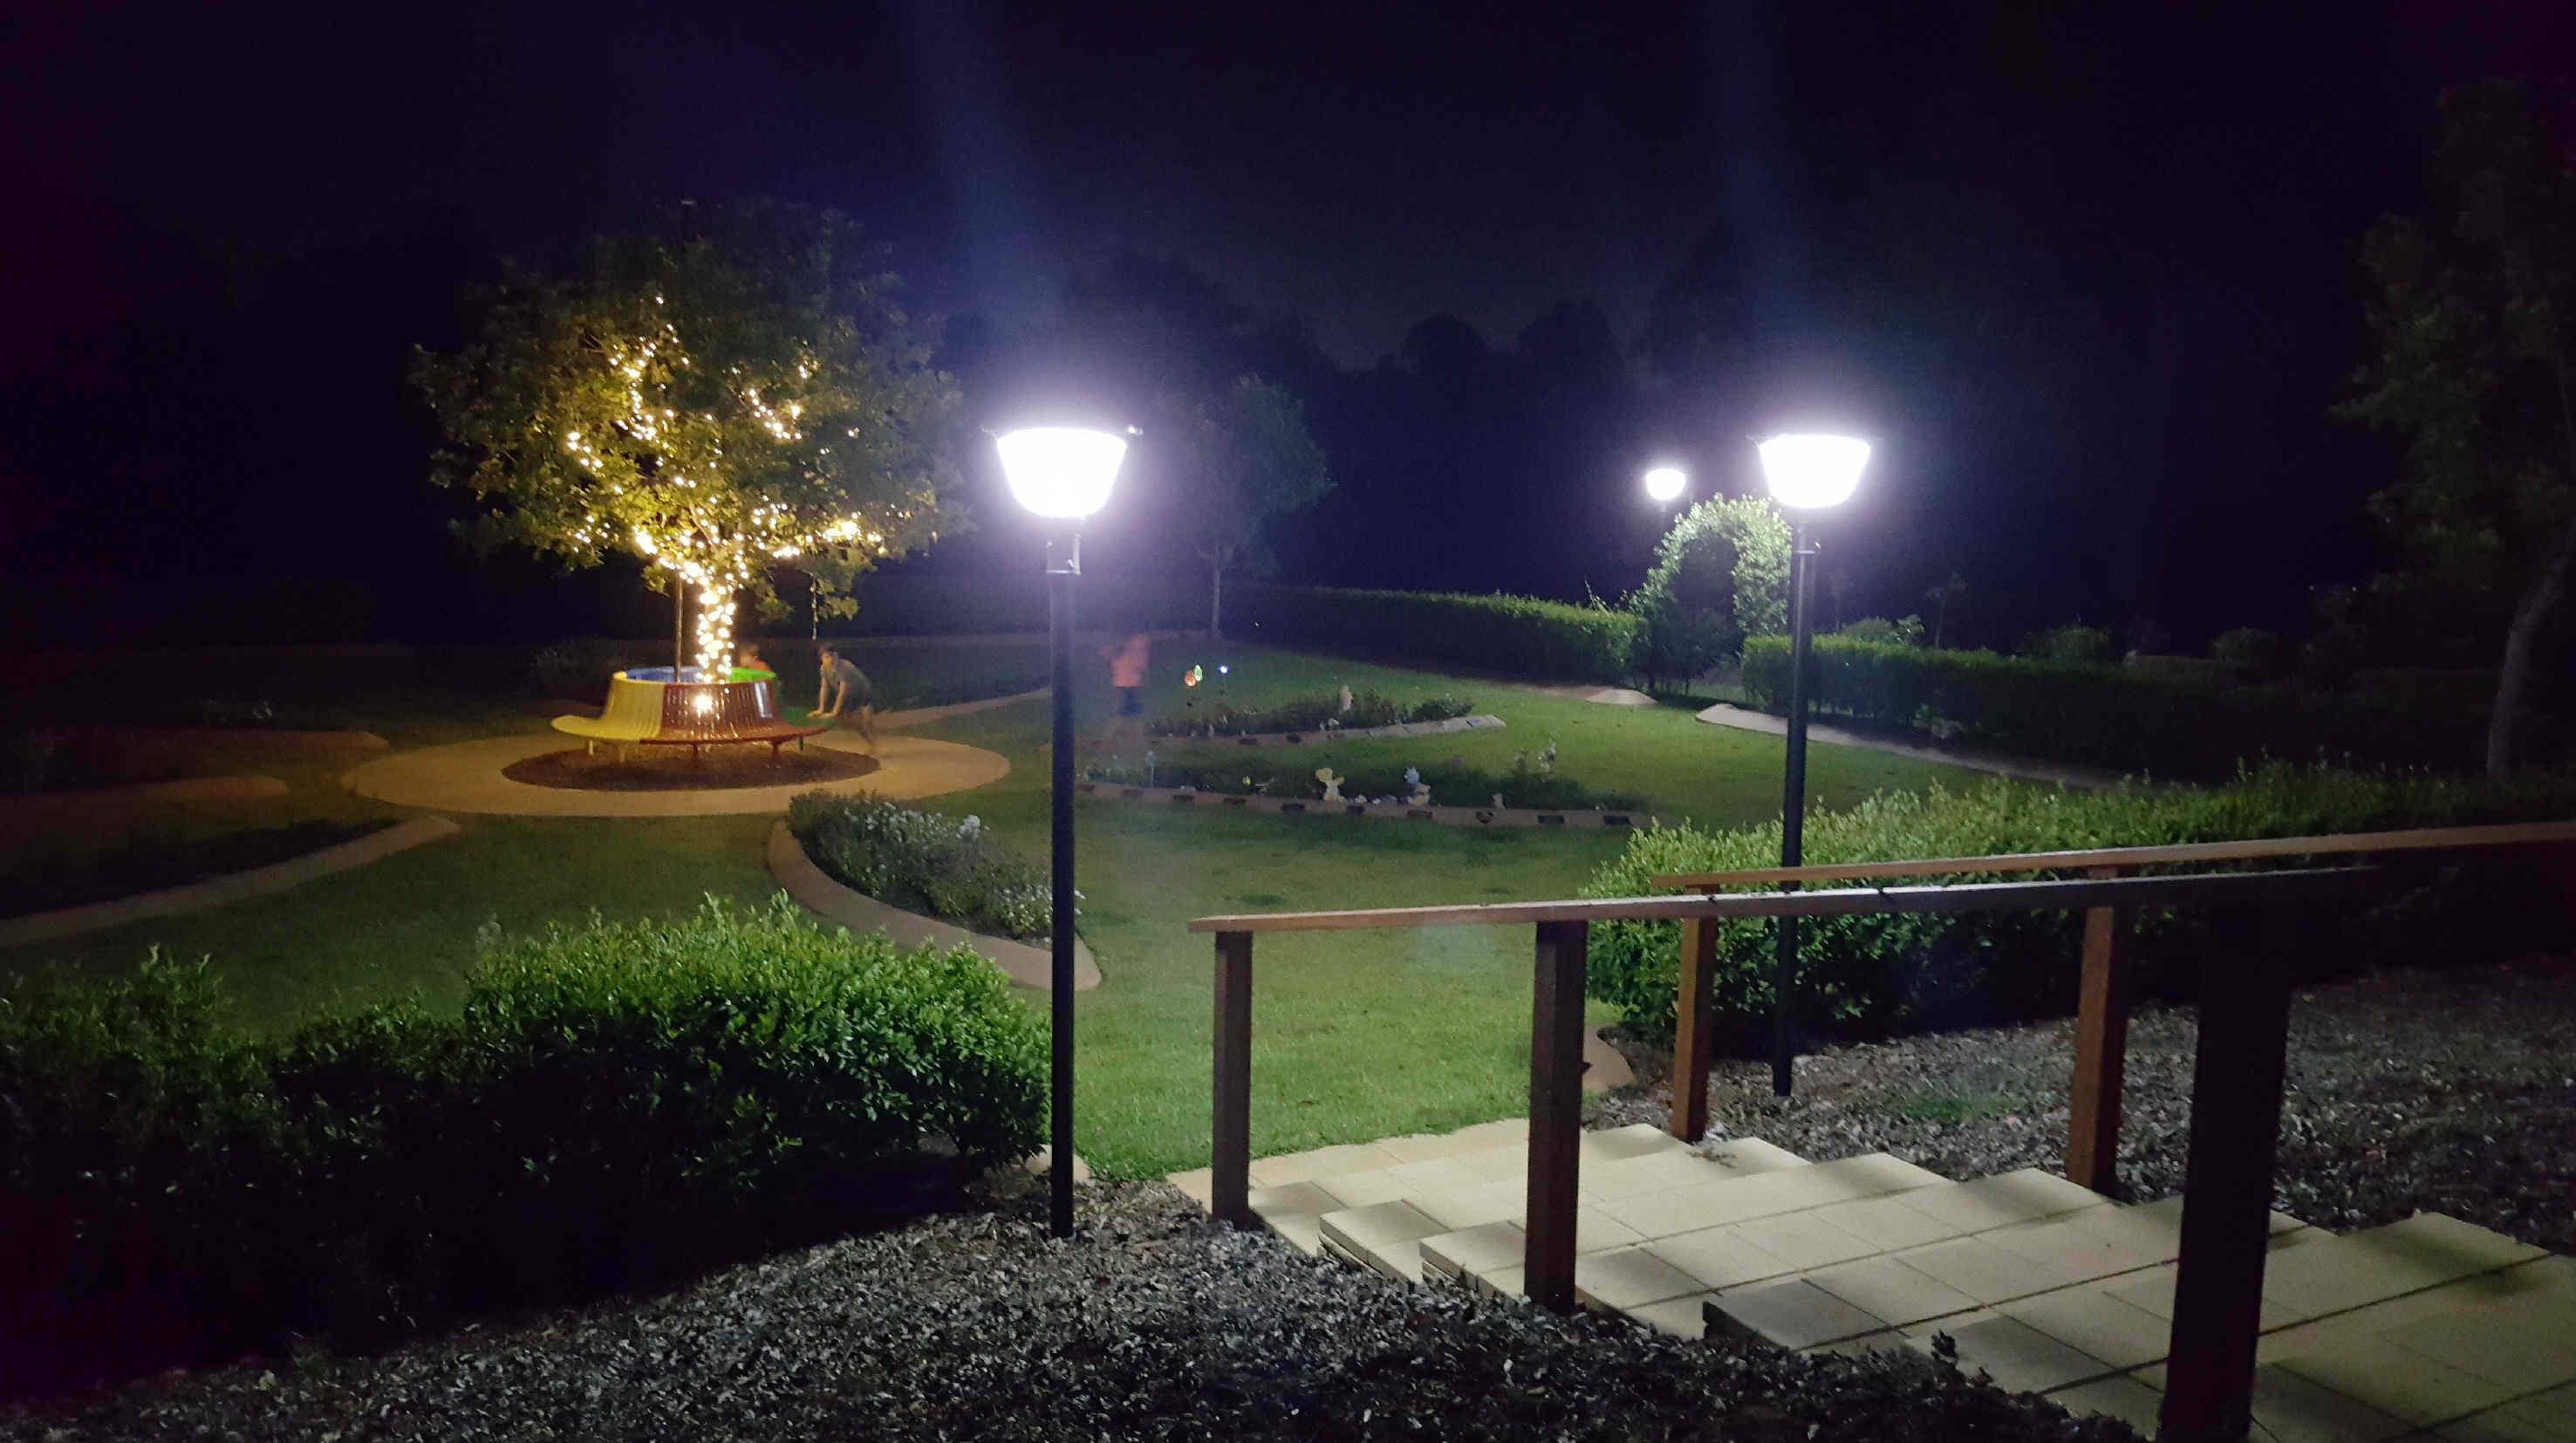 Đèn led trụ năng lượng mặt trời trong vườn